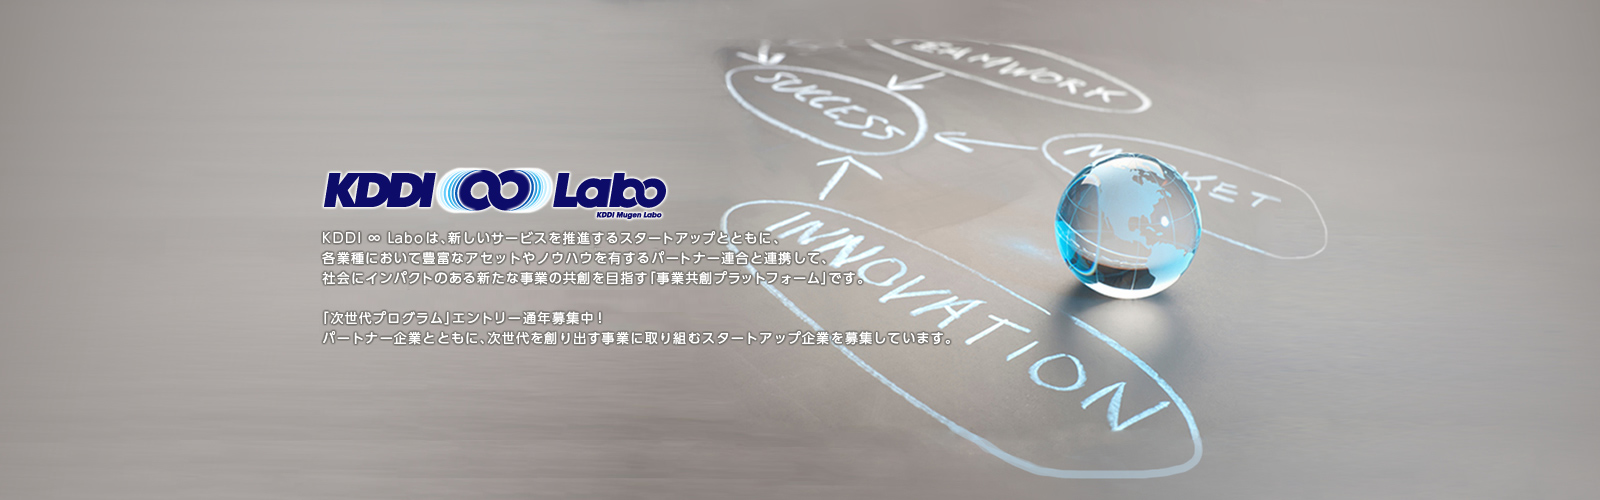 KDDI ∞ Laboは、新しいサービスを推進するスタートアップとともに、各業種において豊富なアセットやノウハウを有するパートナー連合と連携して、社会にインパクトのある新たな事業の共創を目指す「事業共創プラットフォーム」です。「次世代プログラム」エントリー通年募集中! パートナー企業とともに、次世代を創り出す事業に取り組むスタートアップ企業を募集しています。